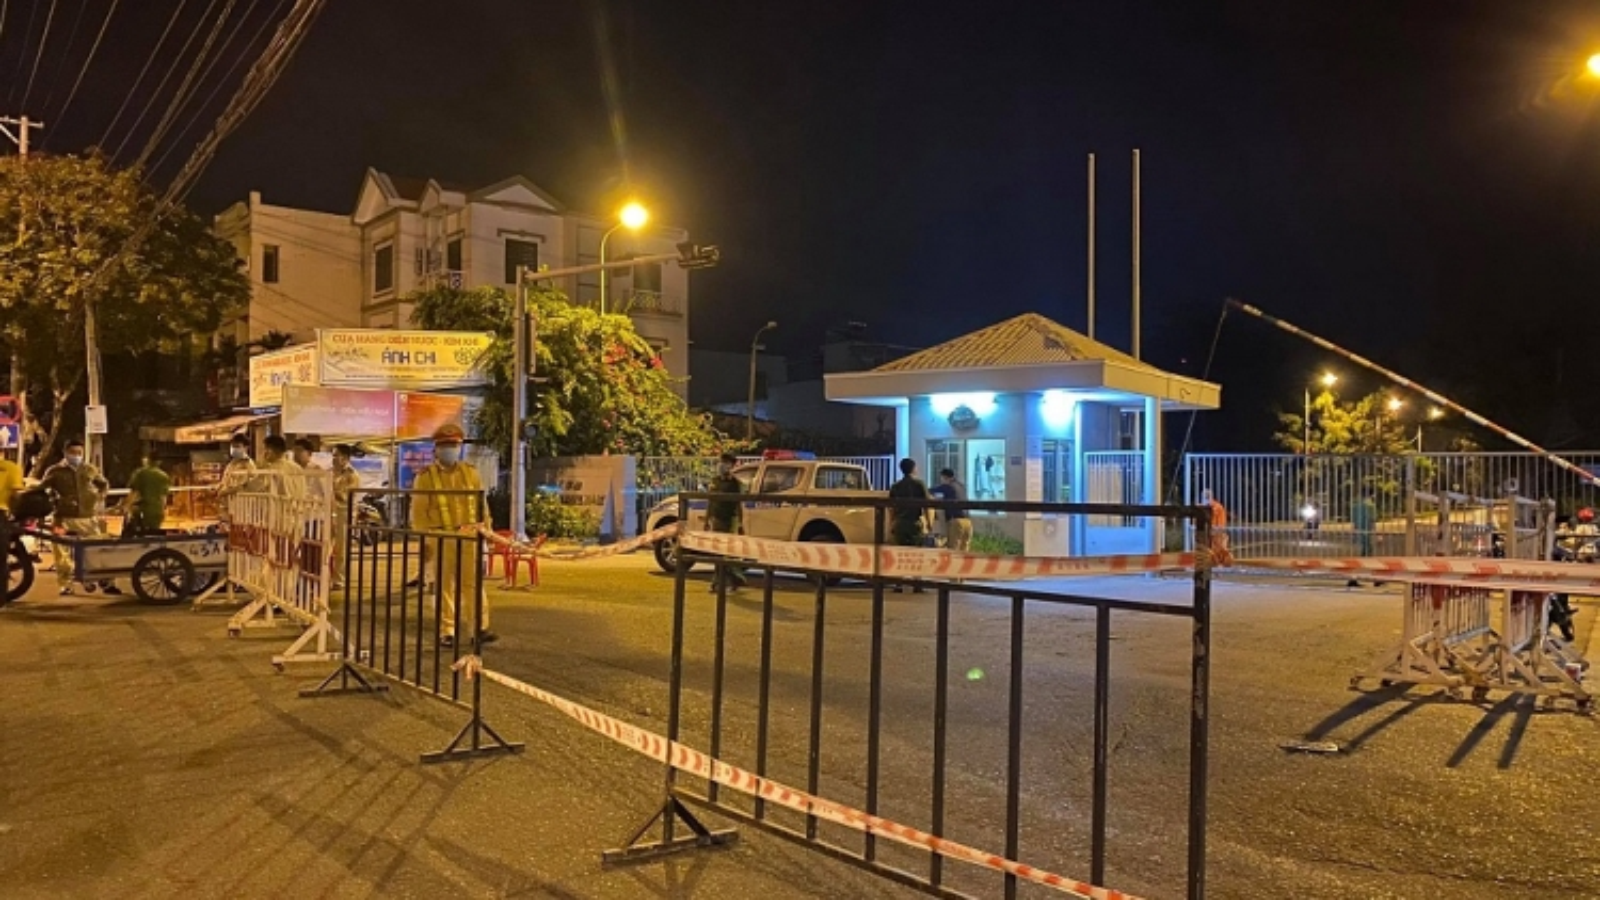 Bí thư Đà Nẵng: Thành phố đủ năng lực kiểm soát dịch bệnh Covid-19